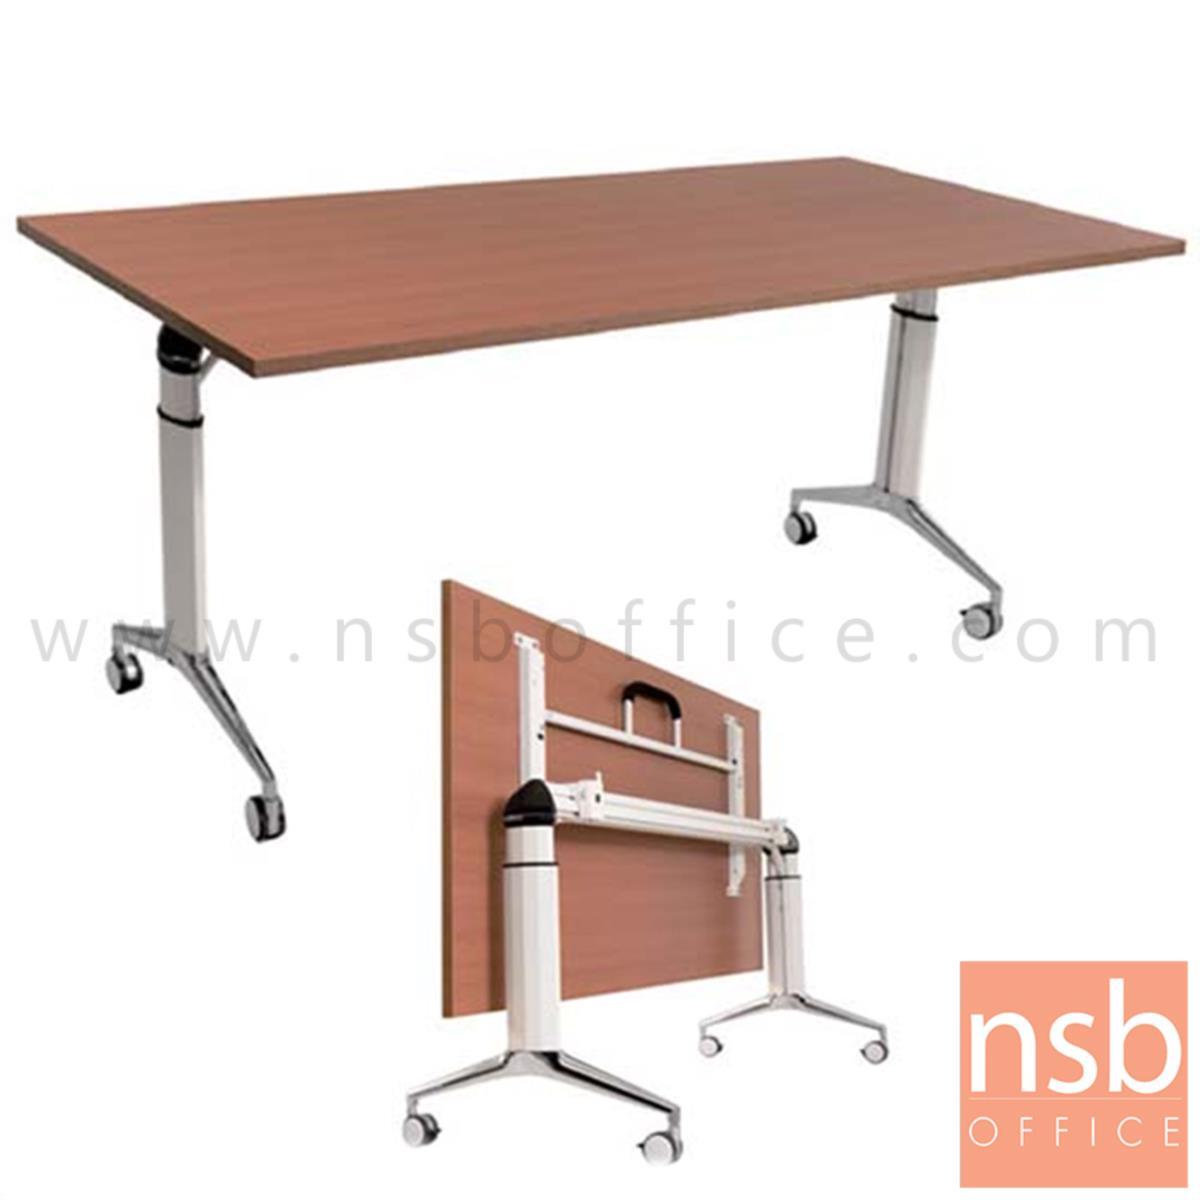 โต๊ะประชุมพับได้ล้อเลื่อน รุ่น YT-FTG30 ขนาด 160W ,180W*60D ,80D cm.